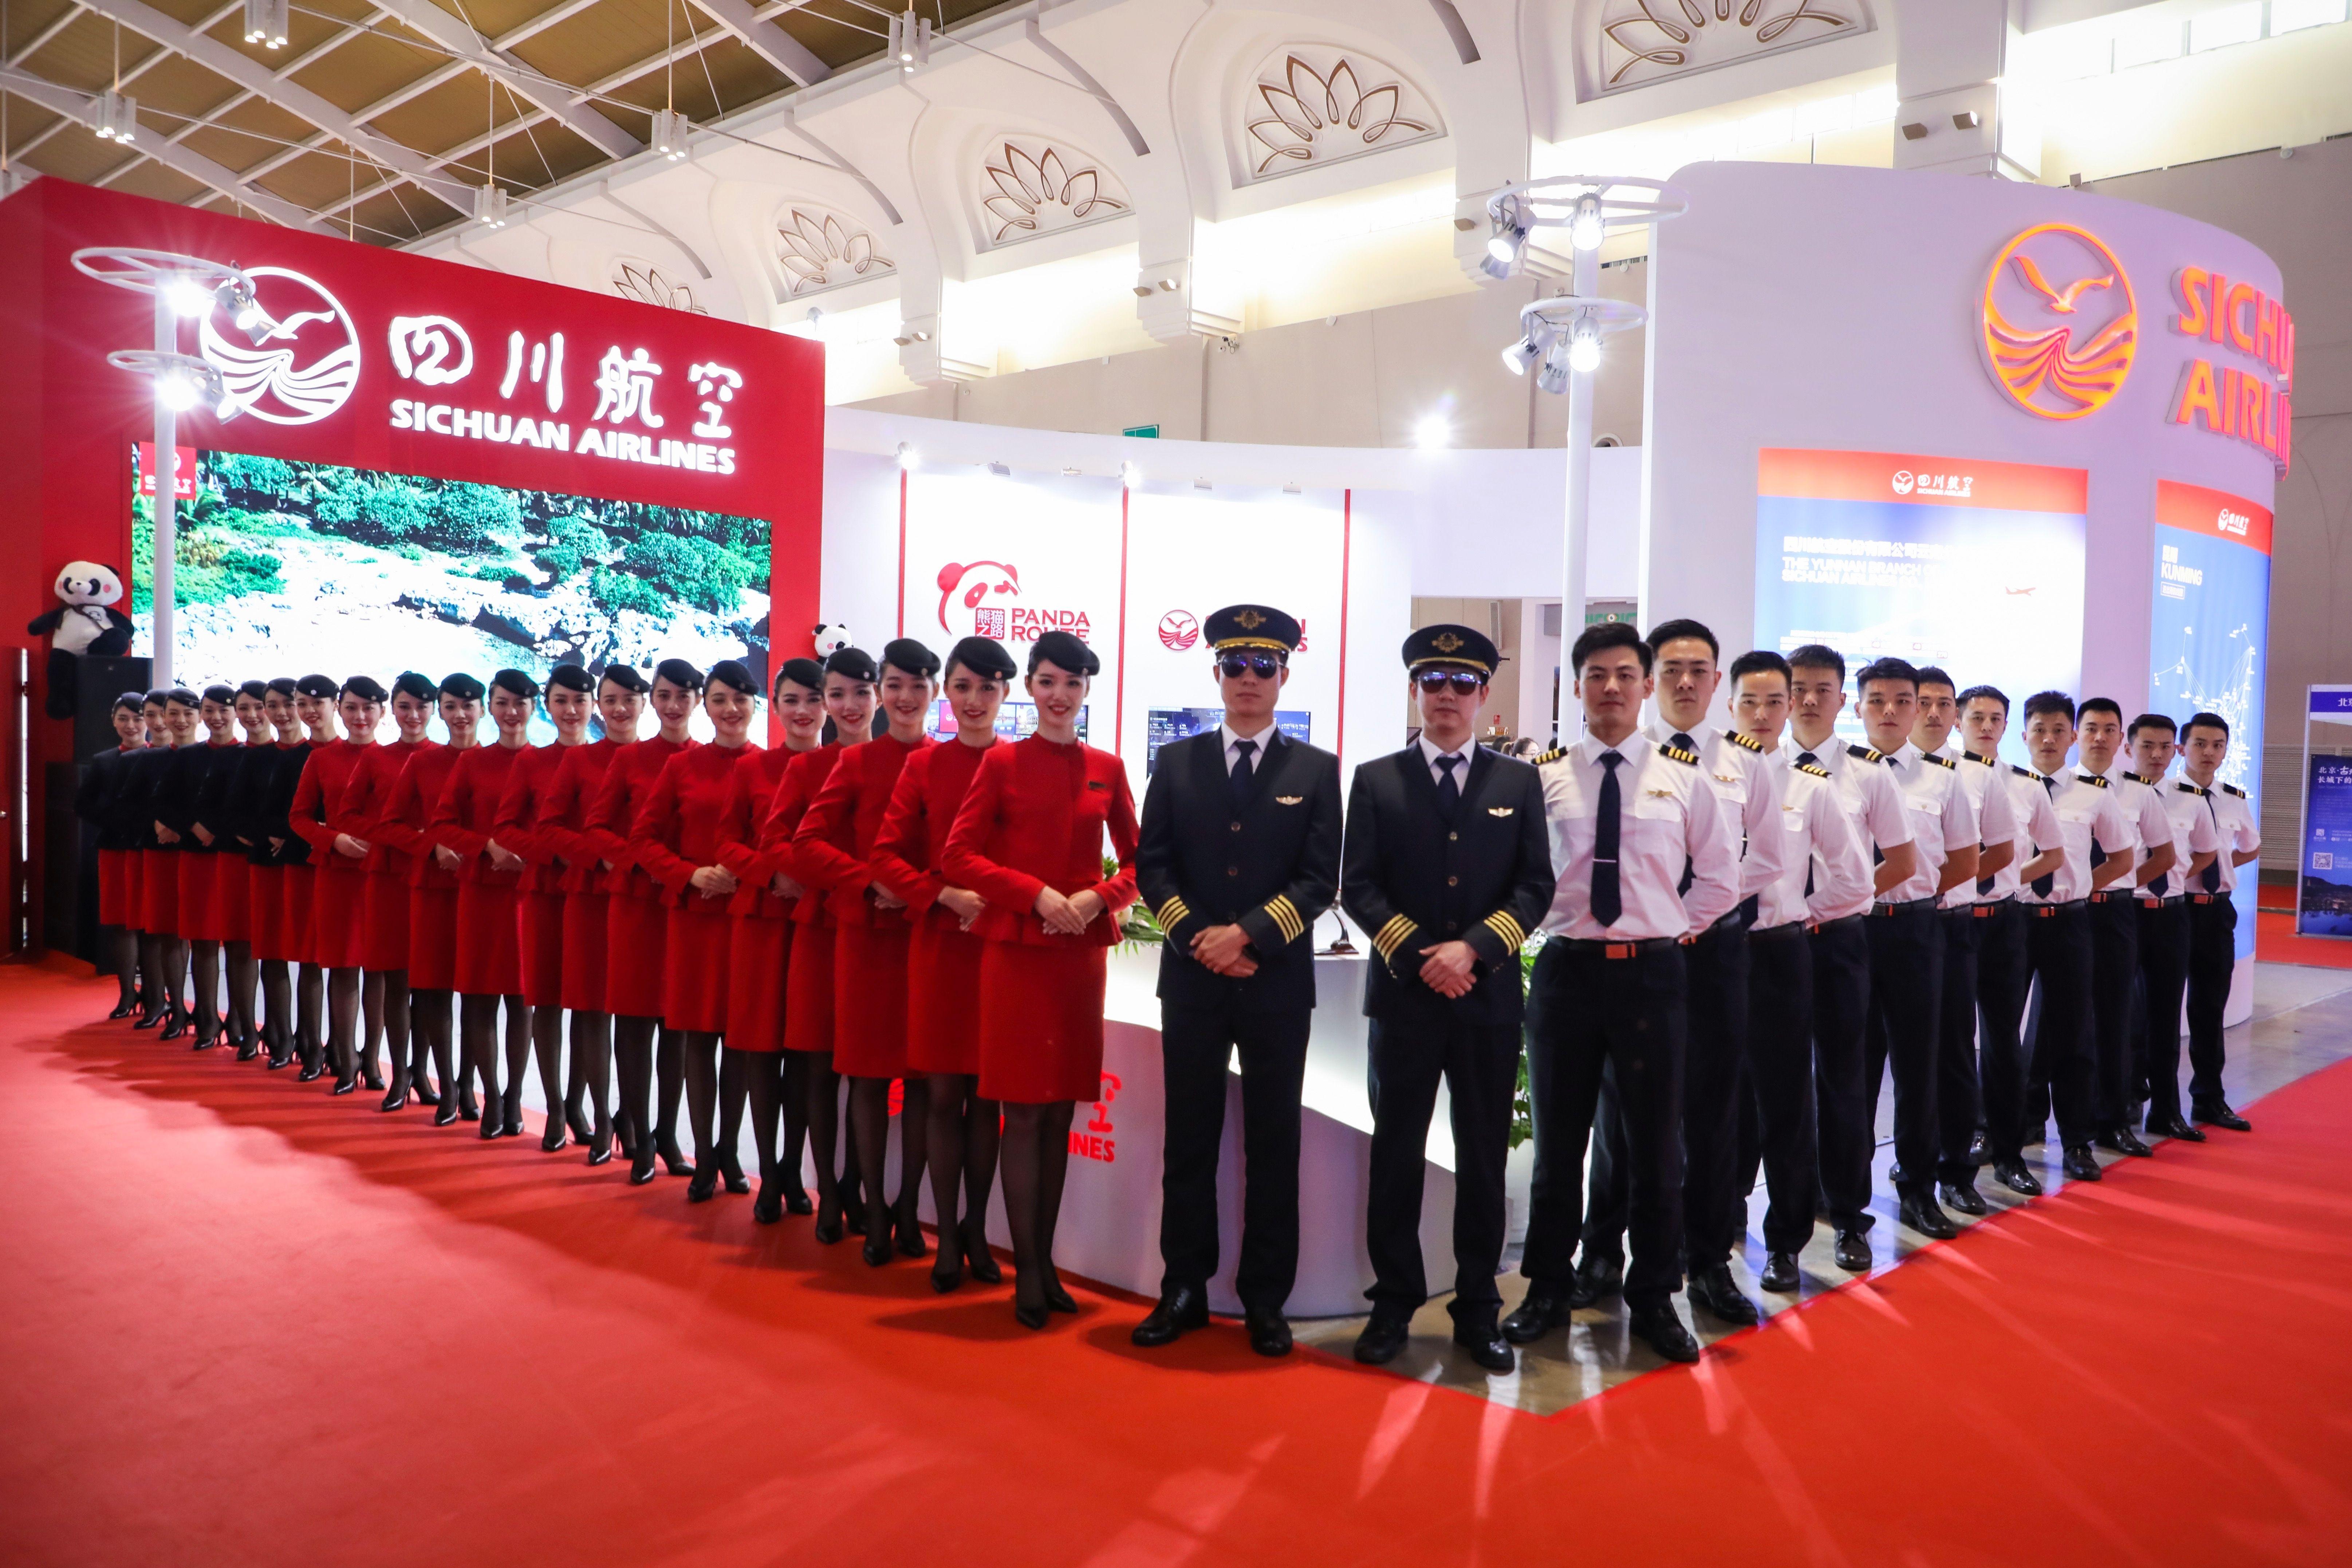 川航亮相2019中国旅交会 三大板块展现高质量发展